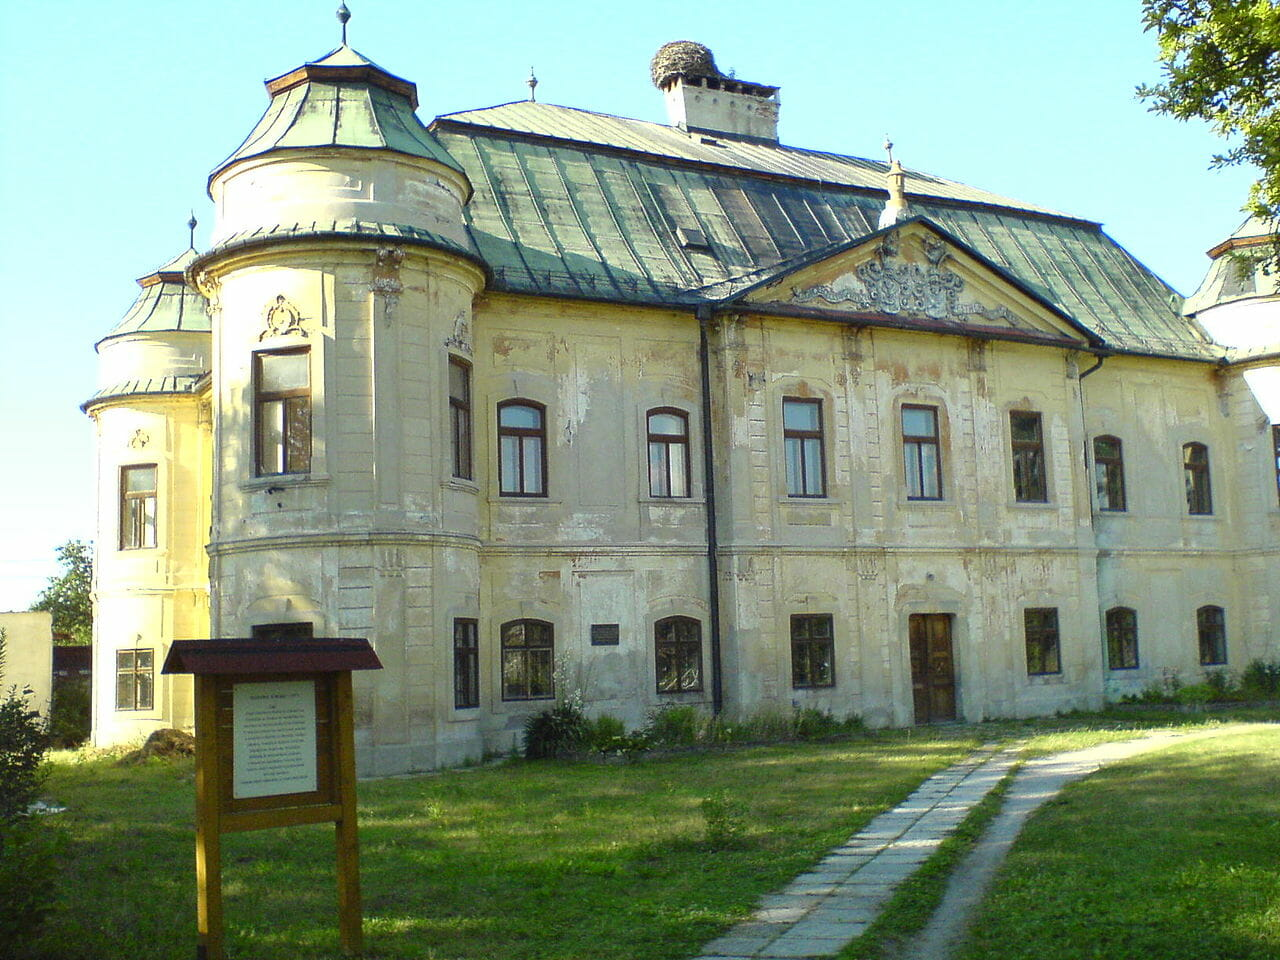 Soóvsko-Géczyovský kaštieľ v Hronseku